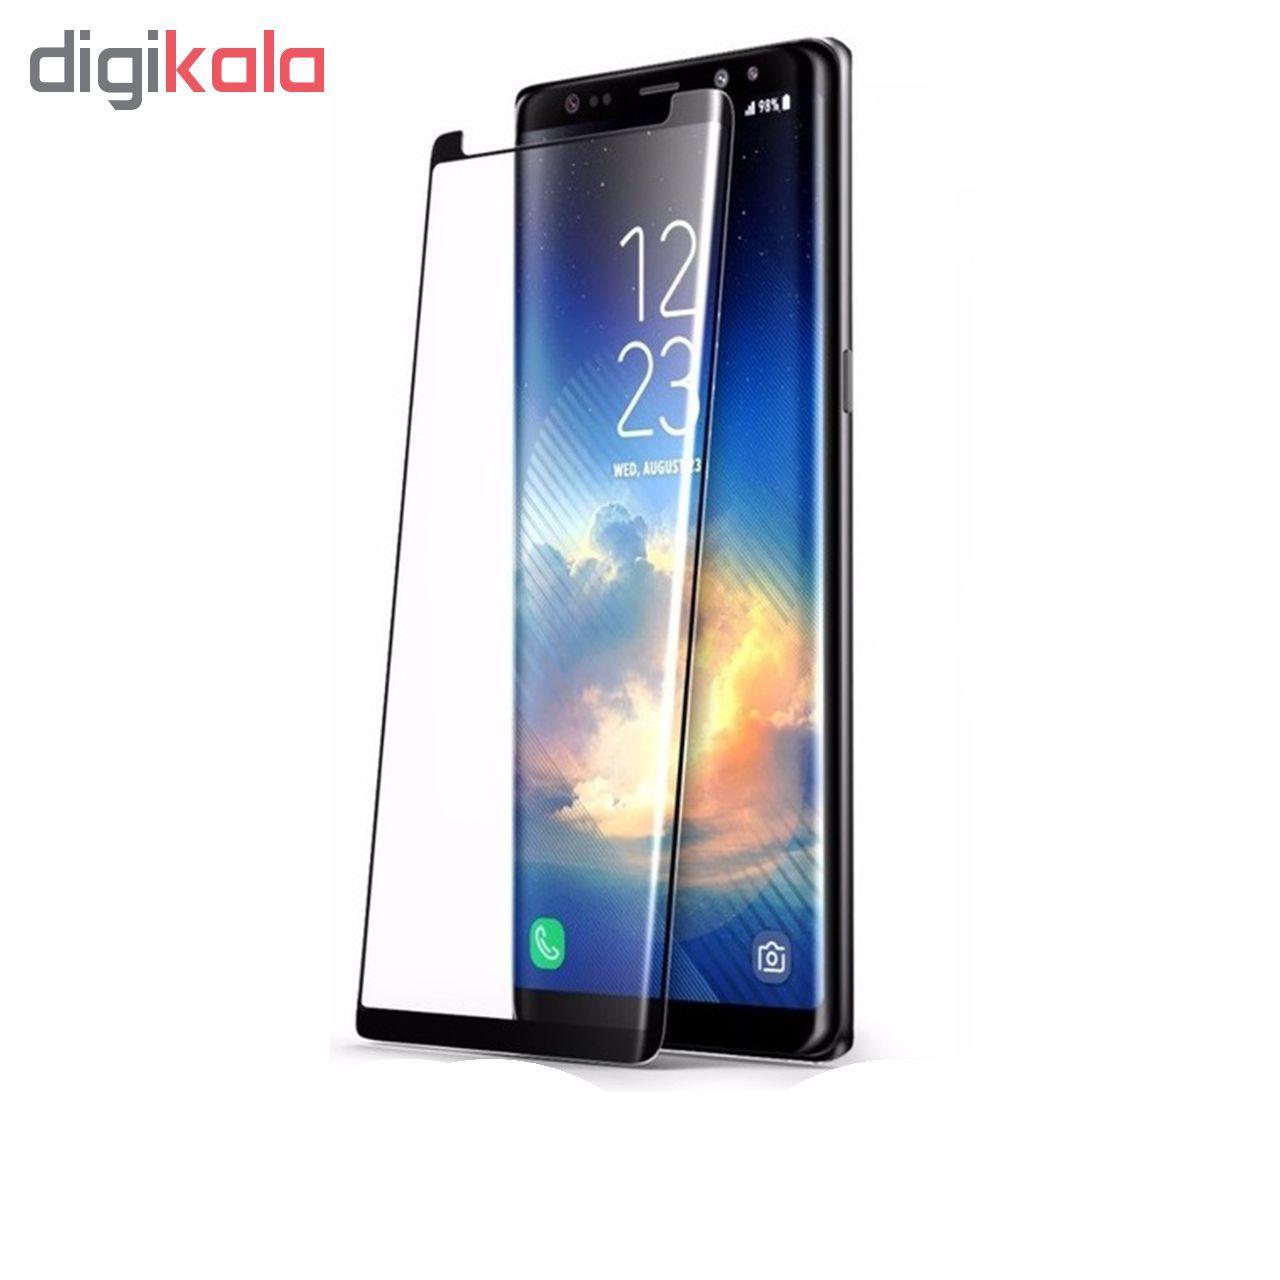 محافظ صفحه نمایش 5D بوف مدل FC33 مناسب برای گوشی موبایل سامسونگ Galaxy Note 8 main 1 2